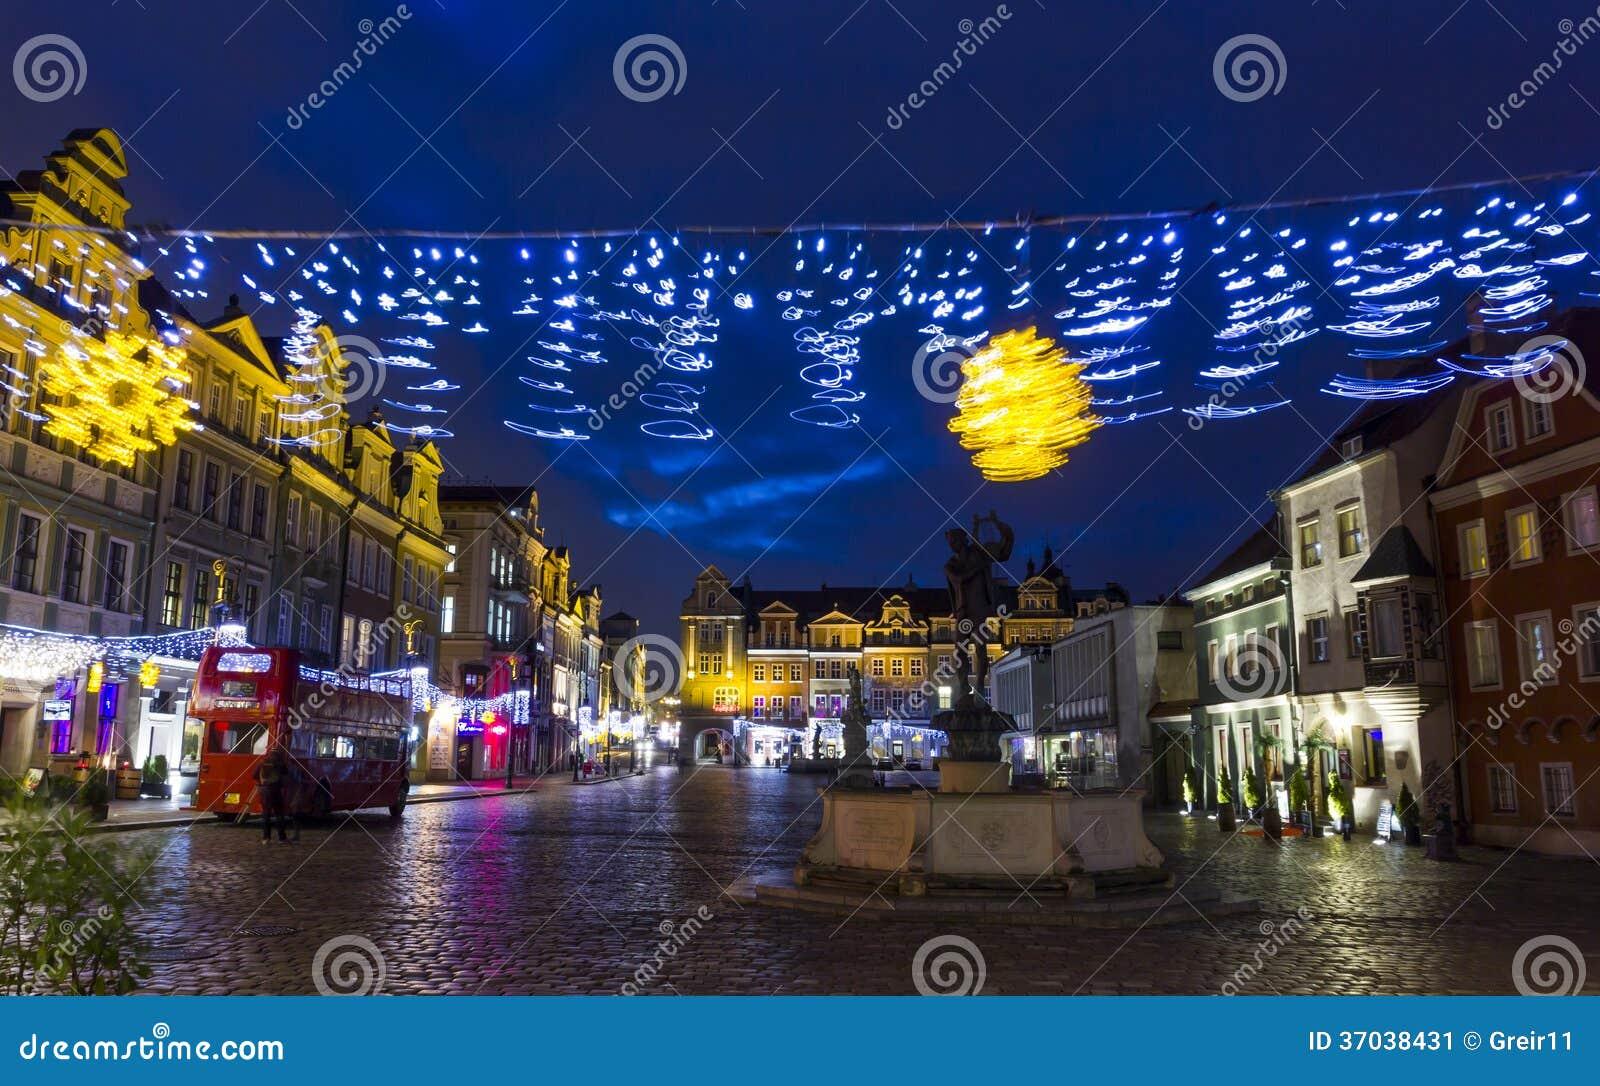 Old Christmas Lights